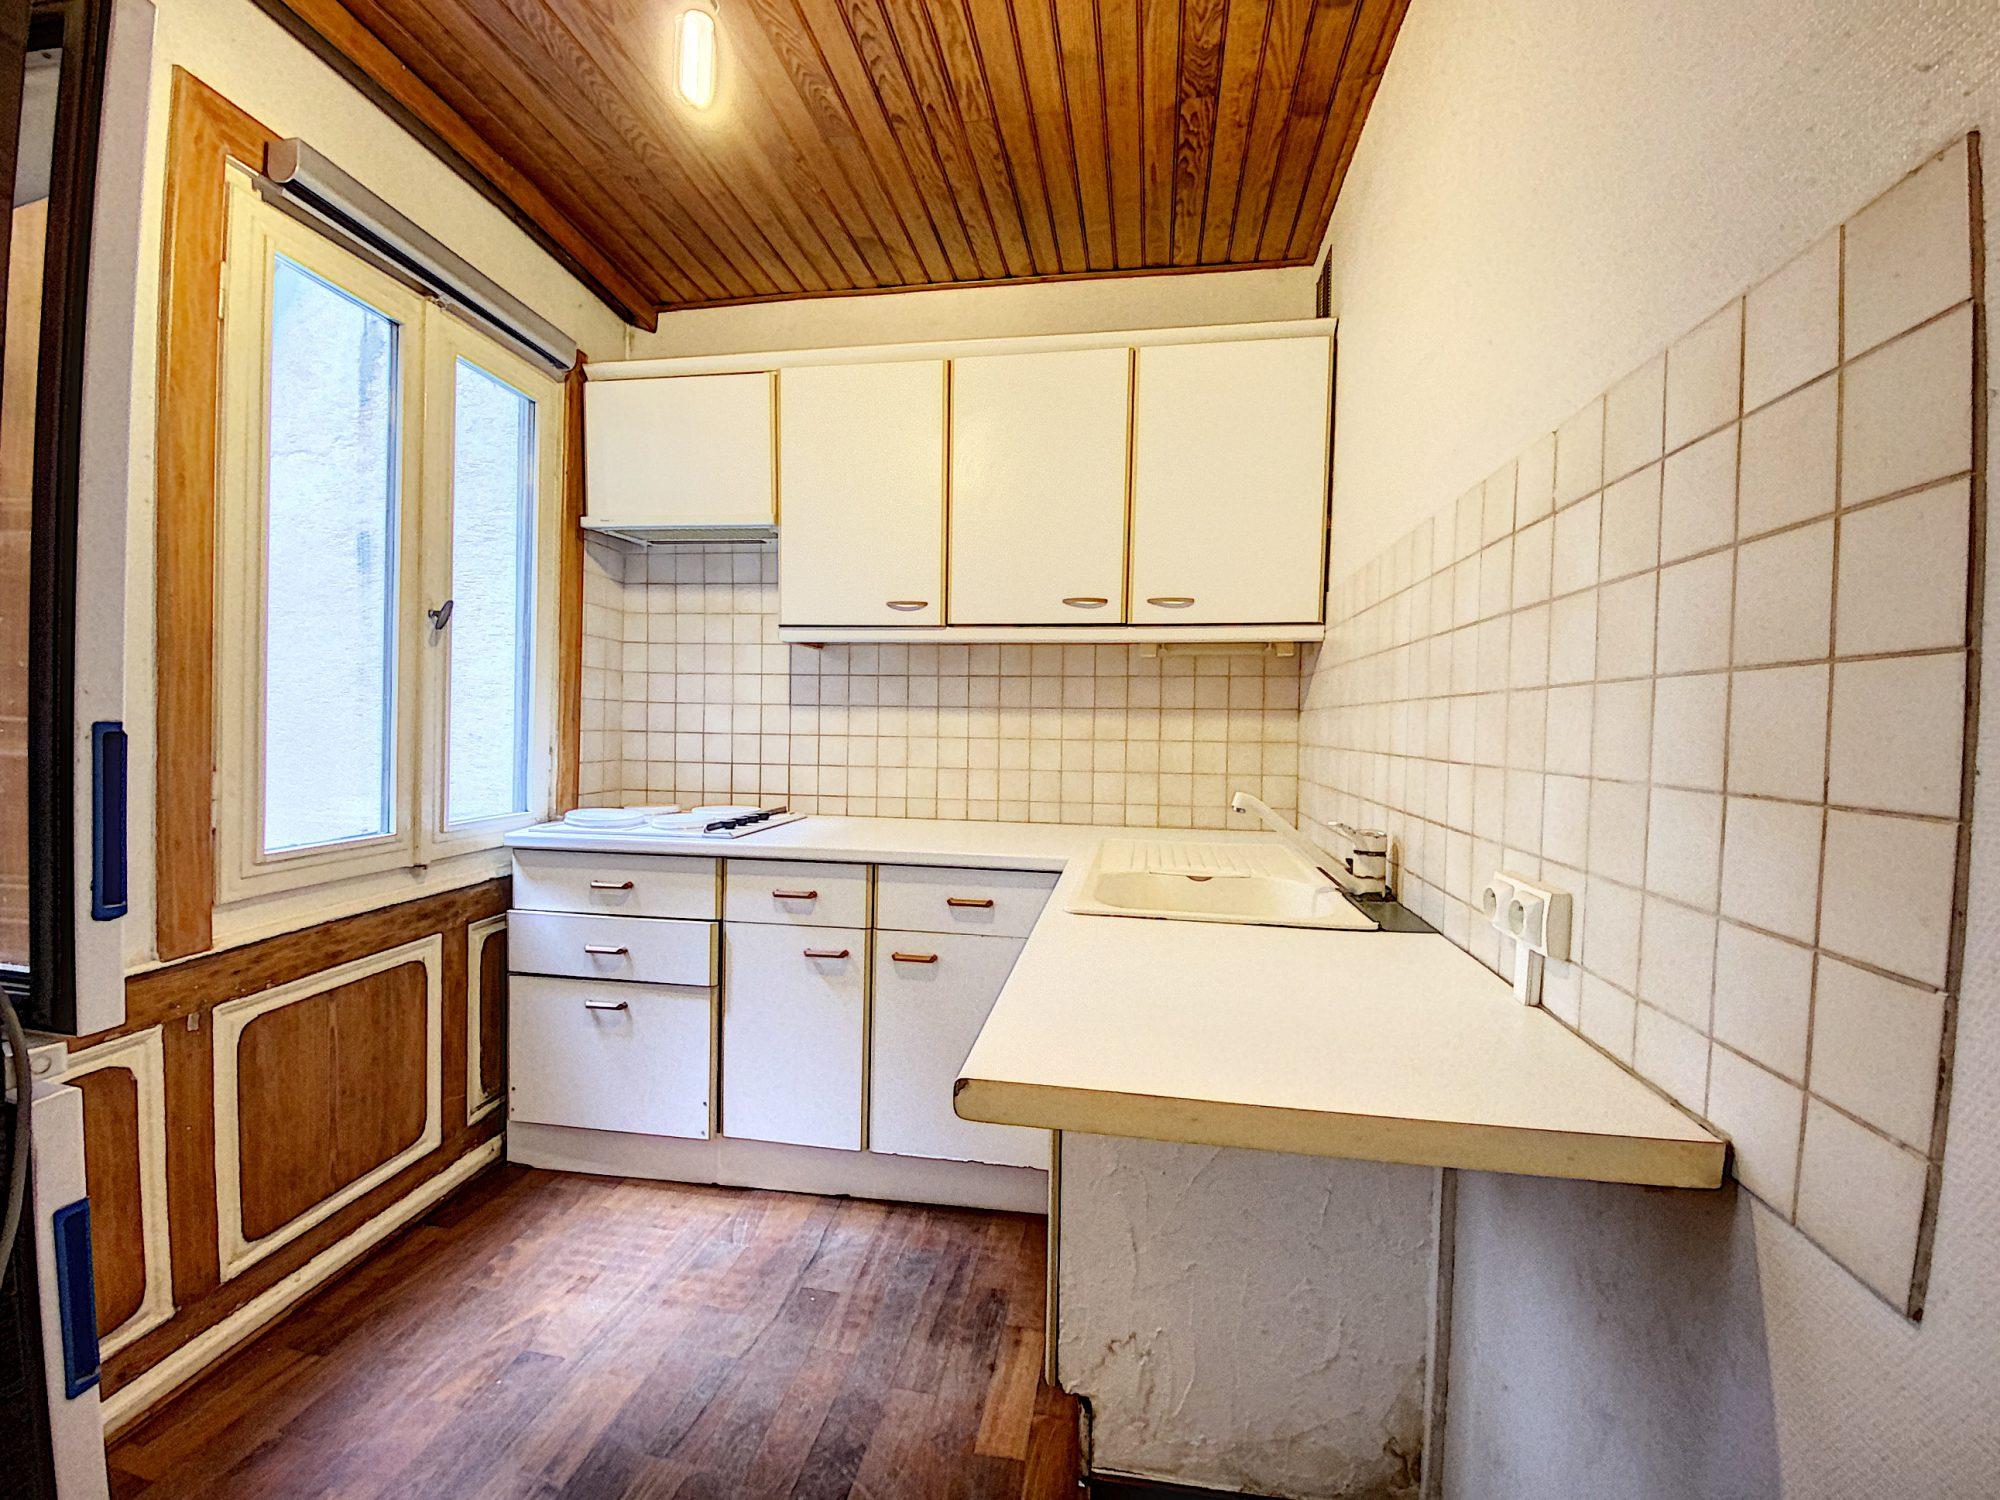 T2 PETITE FRANCE - Devenez locataire en toute sérénité - Bintz Immobilier - 3